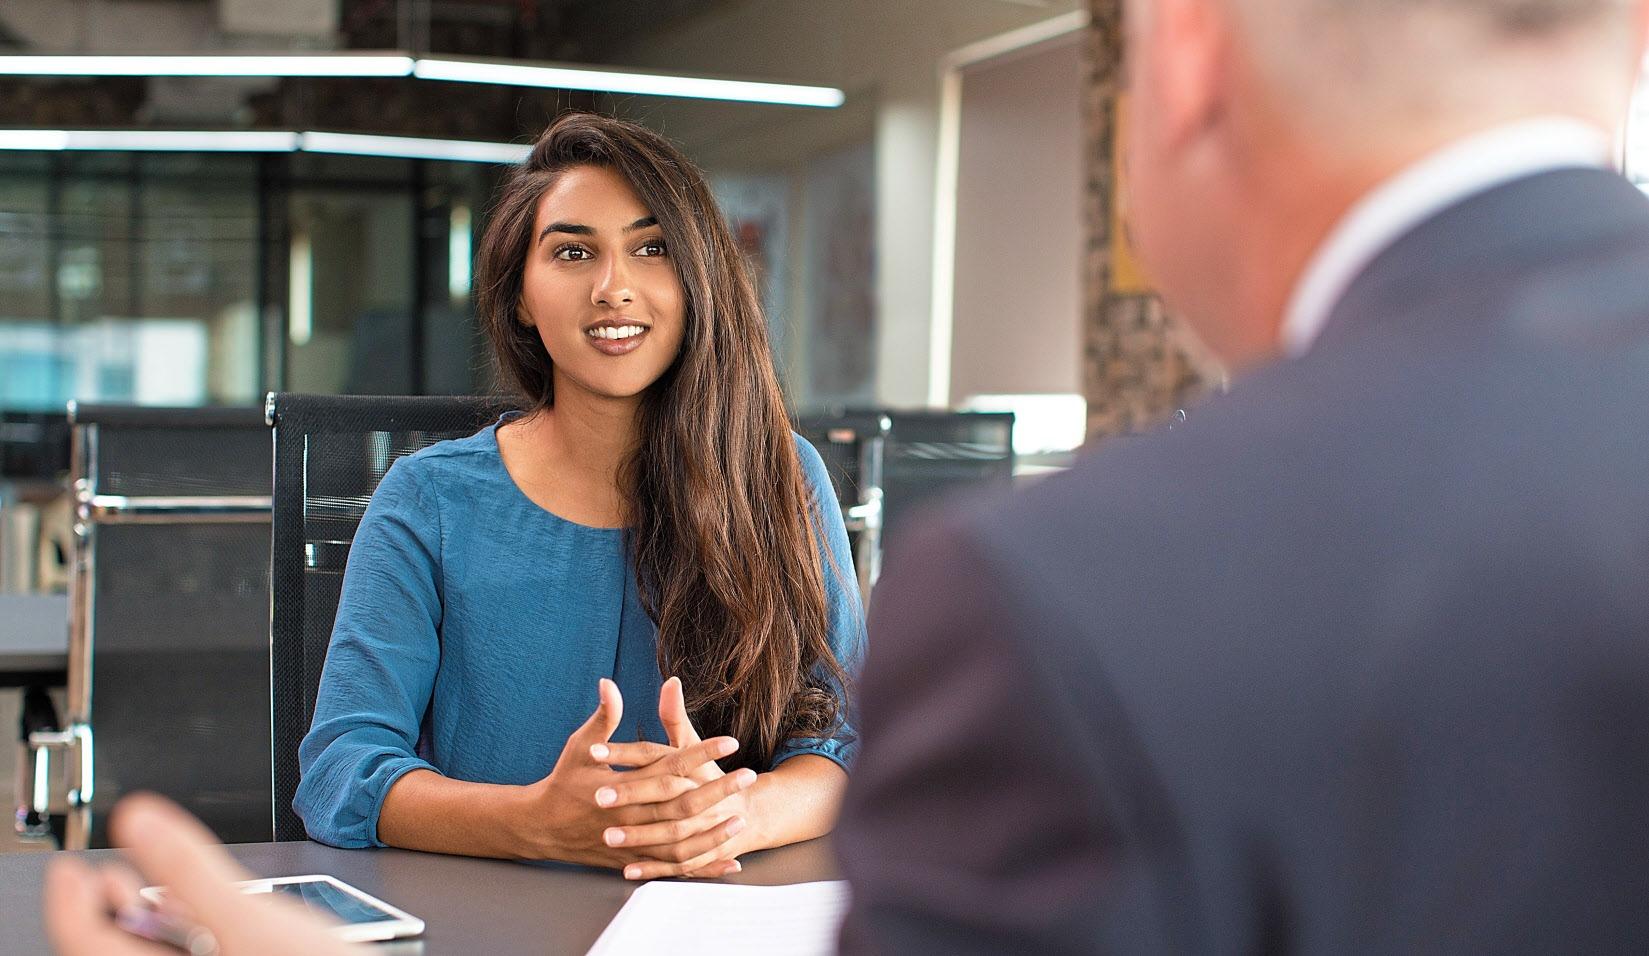 Einem Bewerbungsgespräch sollte eine gute Vorbereitung vorausgehen.Foto: Getty Images